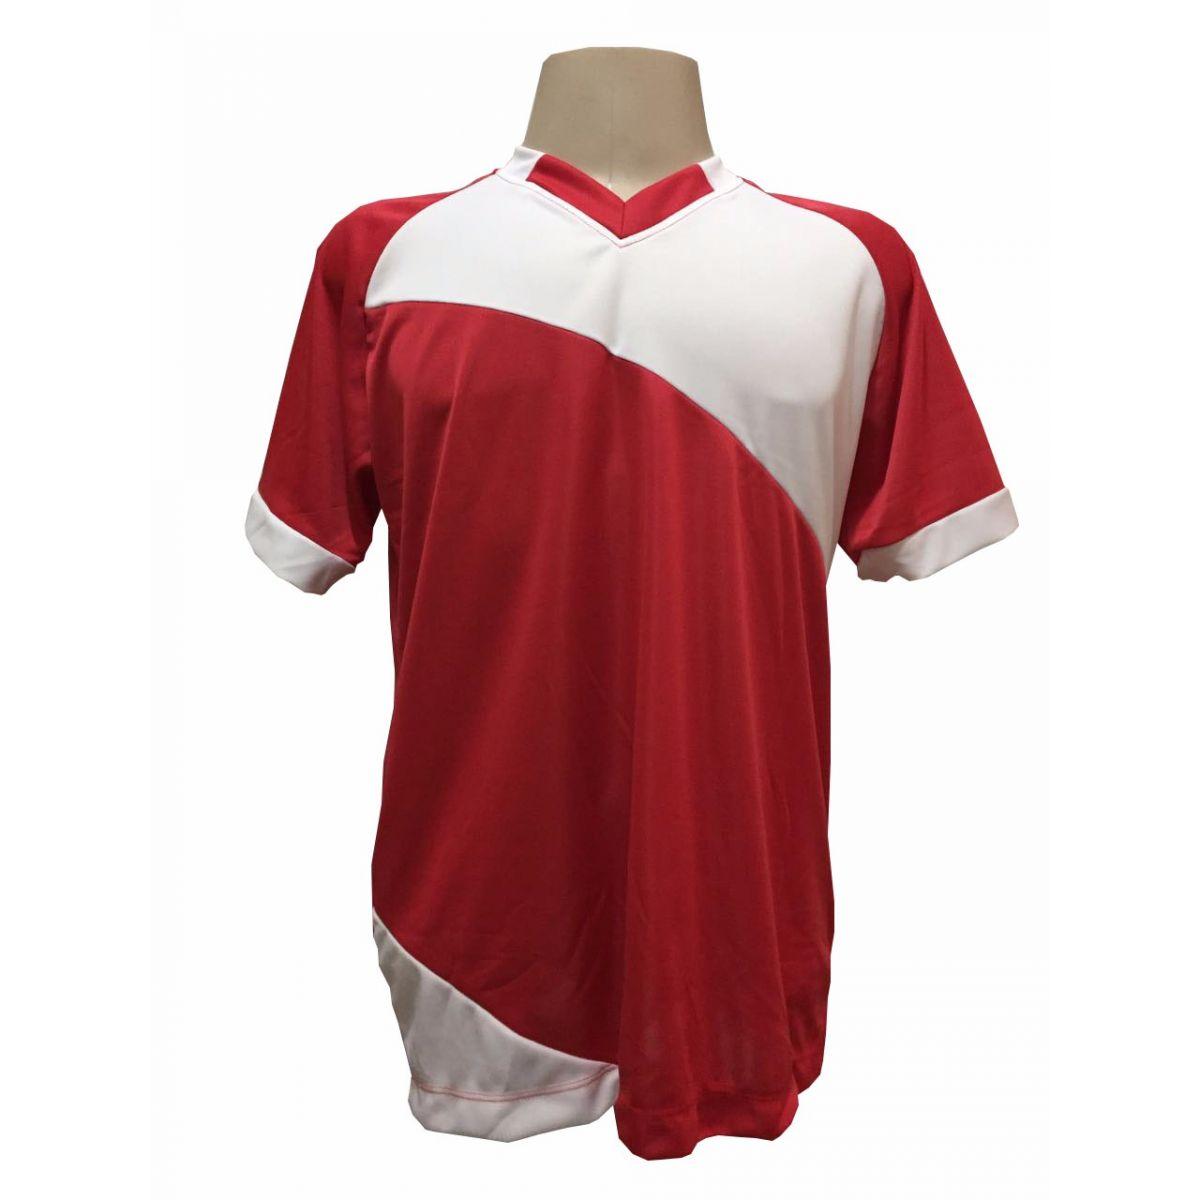 Jogo de Camisa com 20 unidades modelo Bélgica Vermelho/Branco